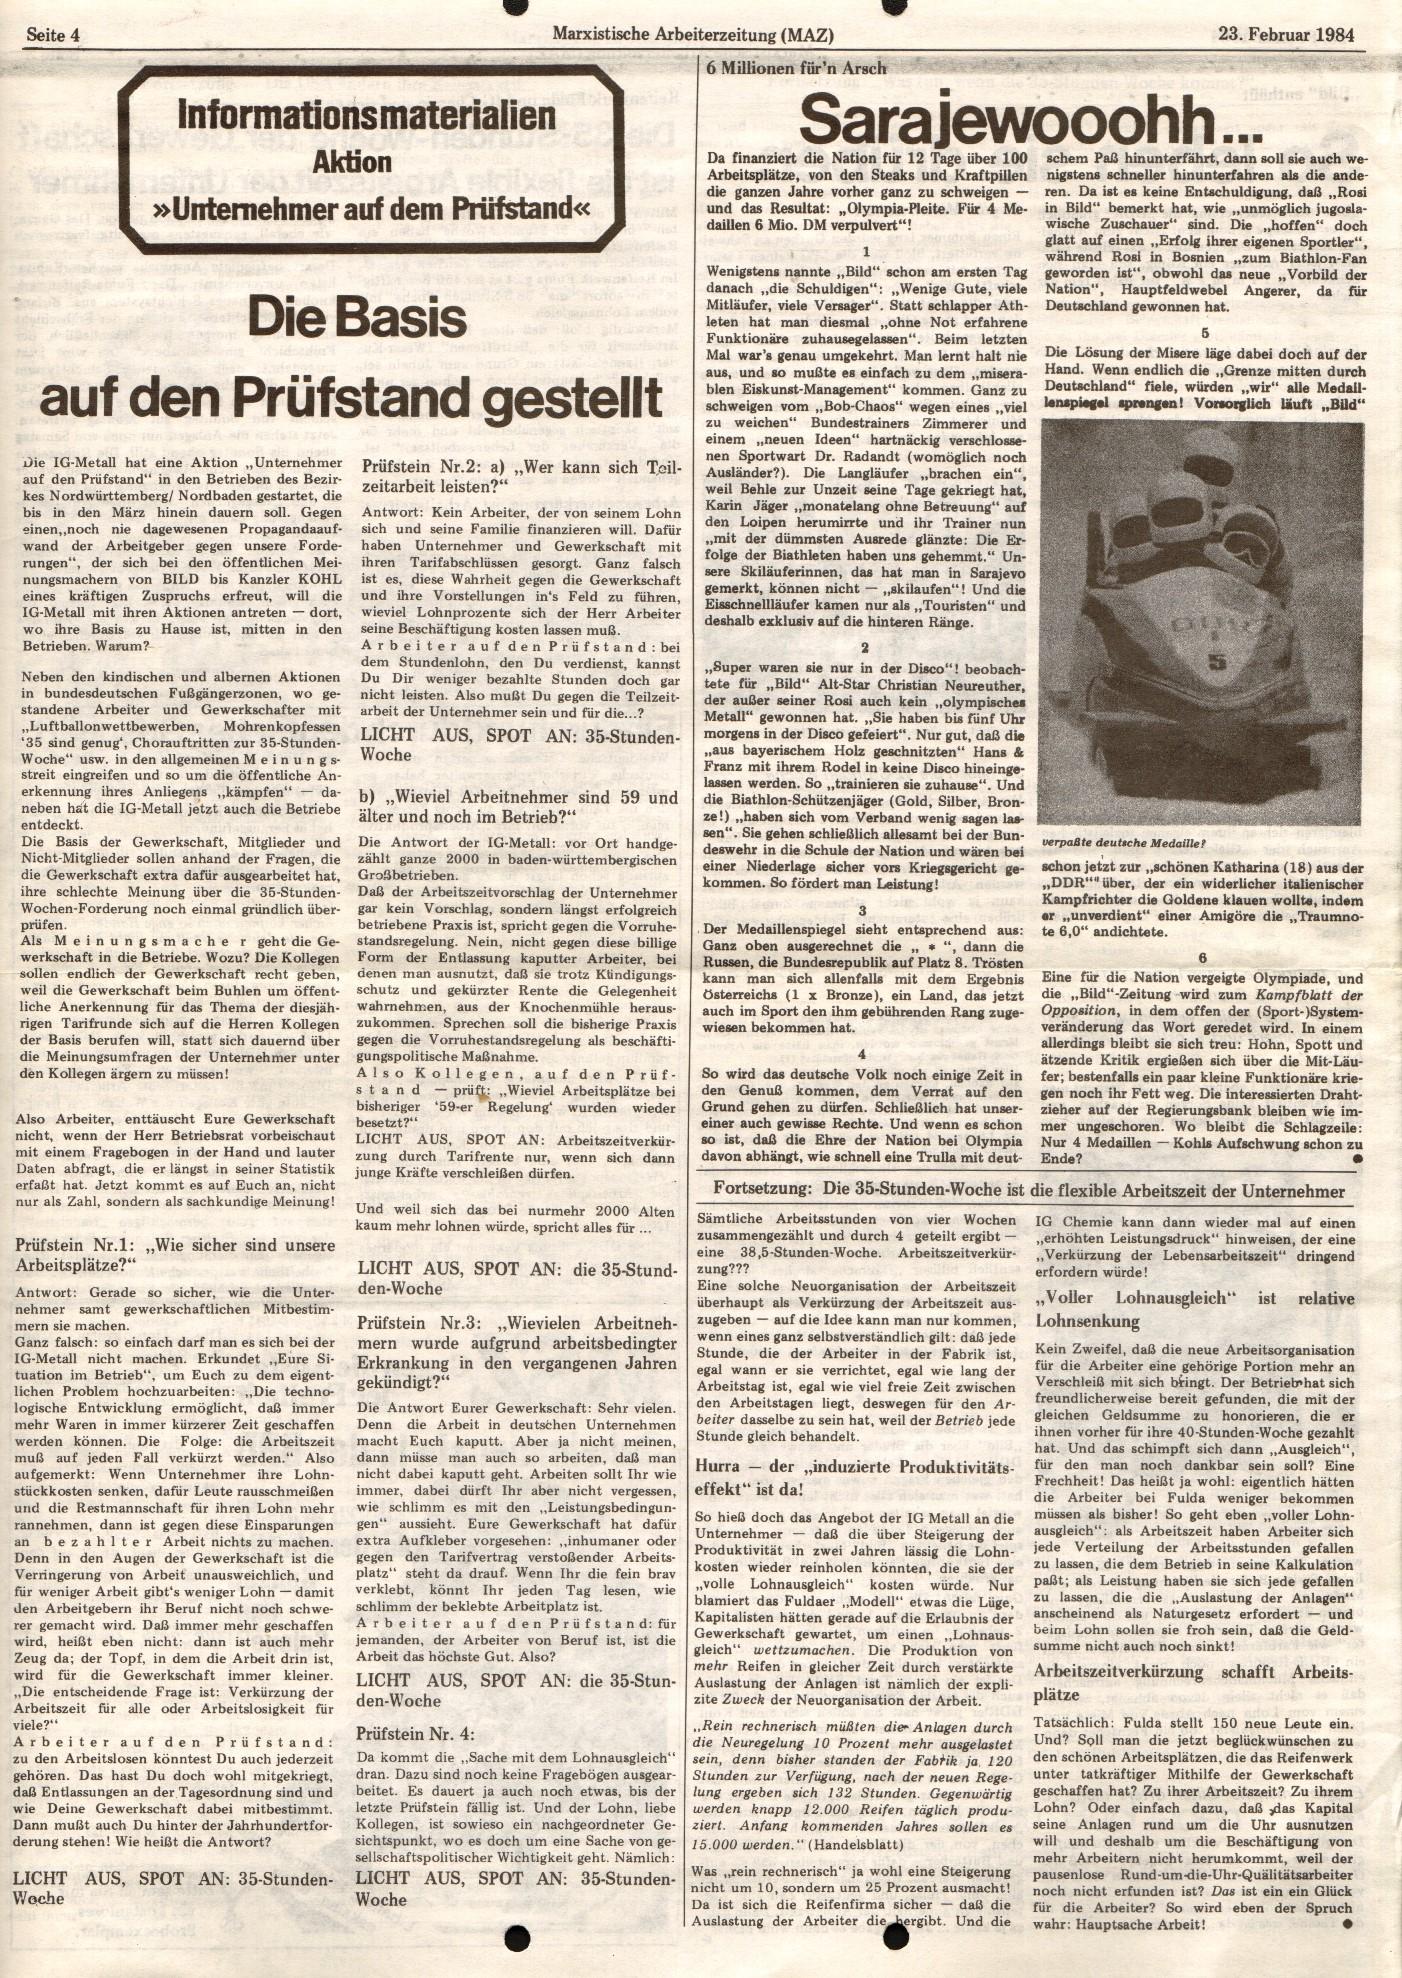 BW_MG_Marxistische_Arbeiterzeitung_19840223_04